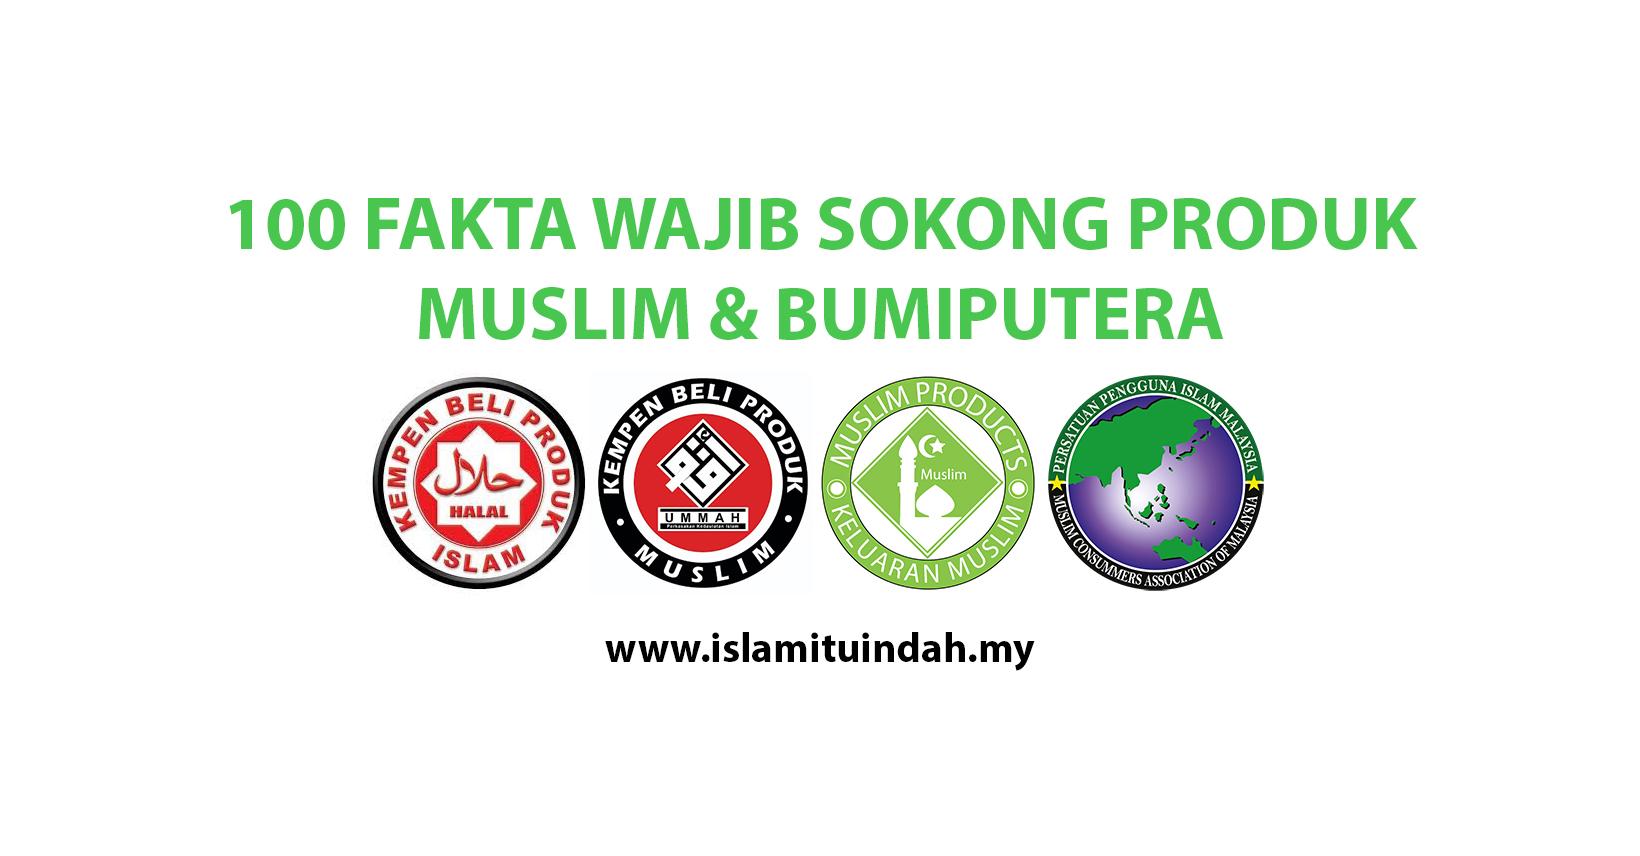 100 FAKTA WAJIB SOKONG PRODUK MUSLIM & BUMIPUTERA